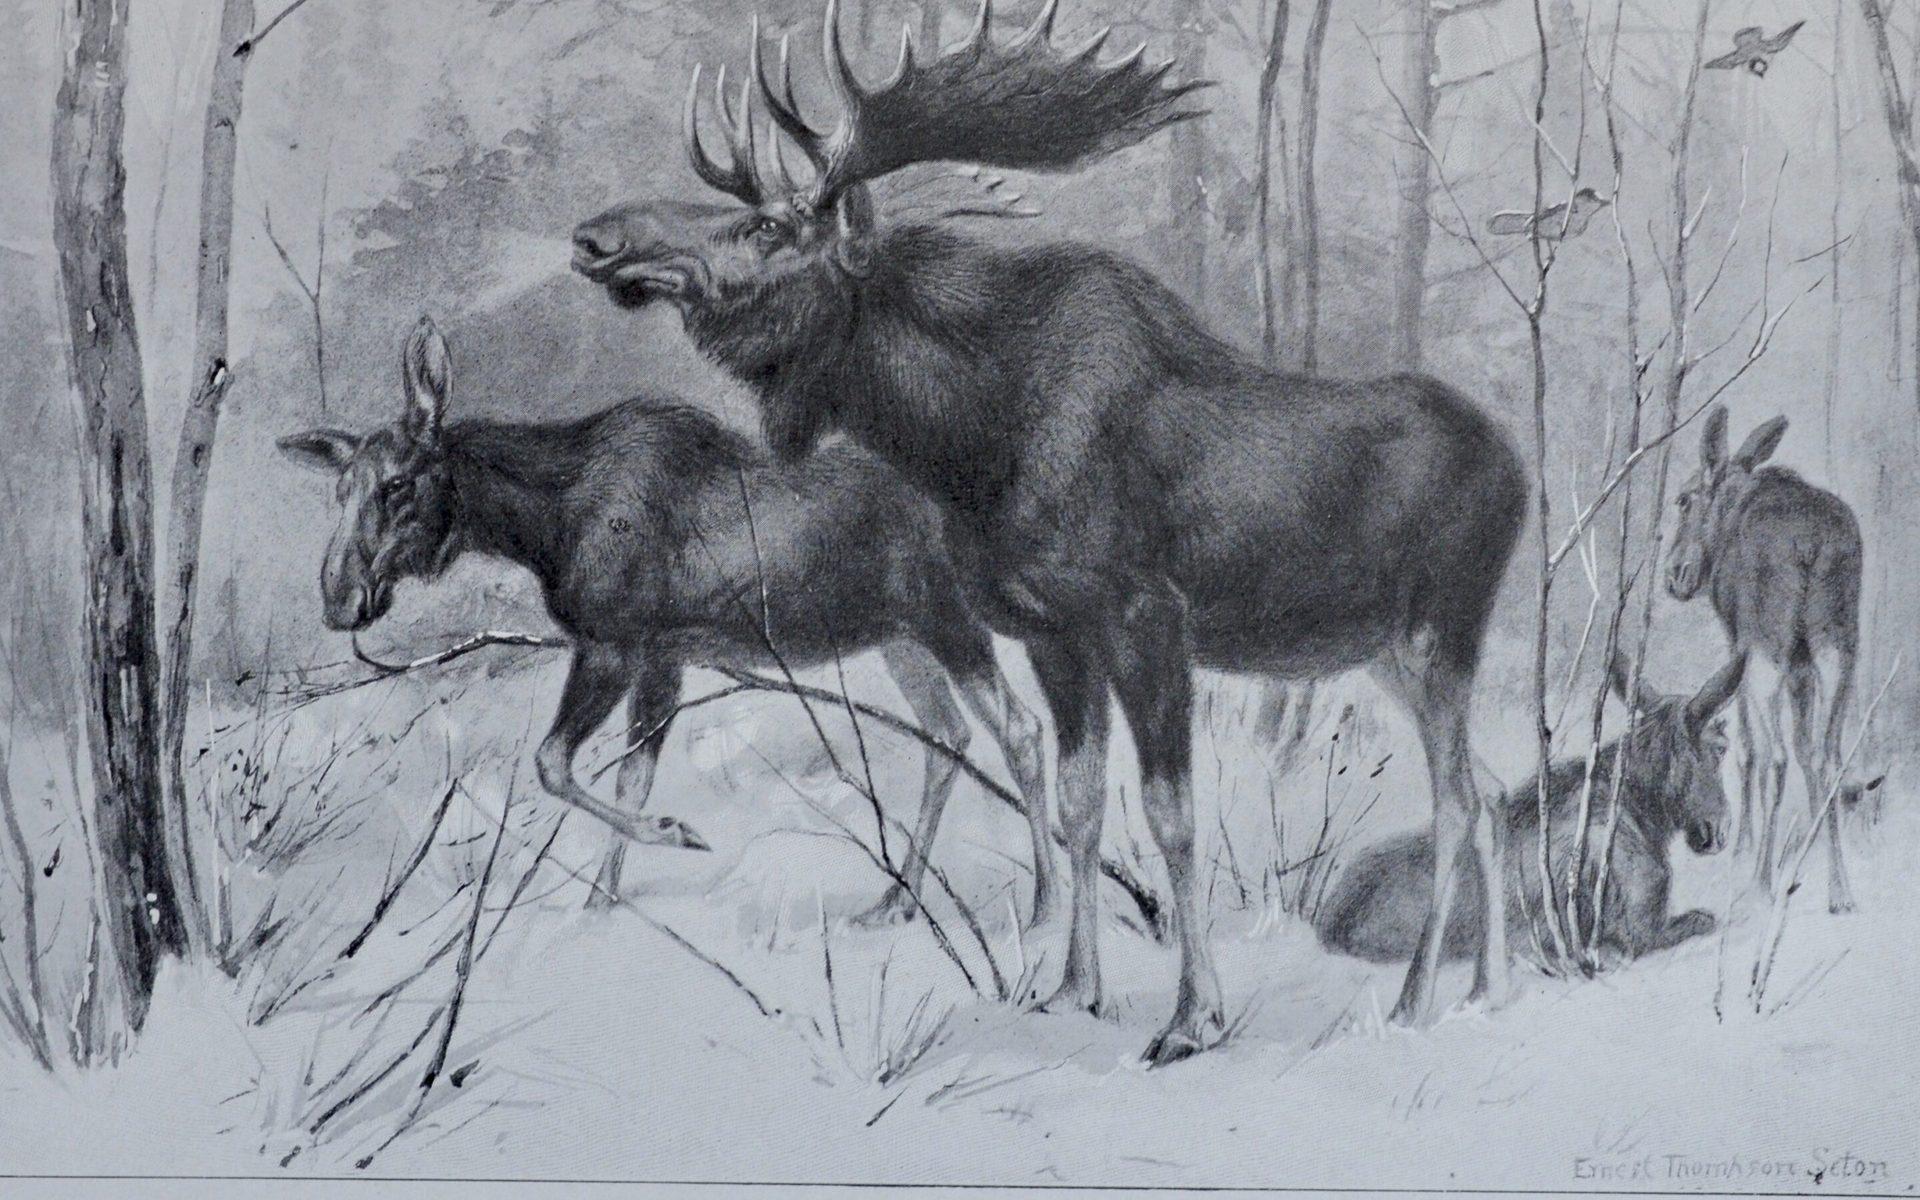 The Moose by Seton